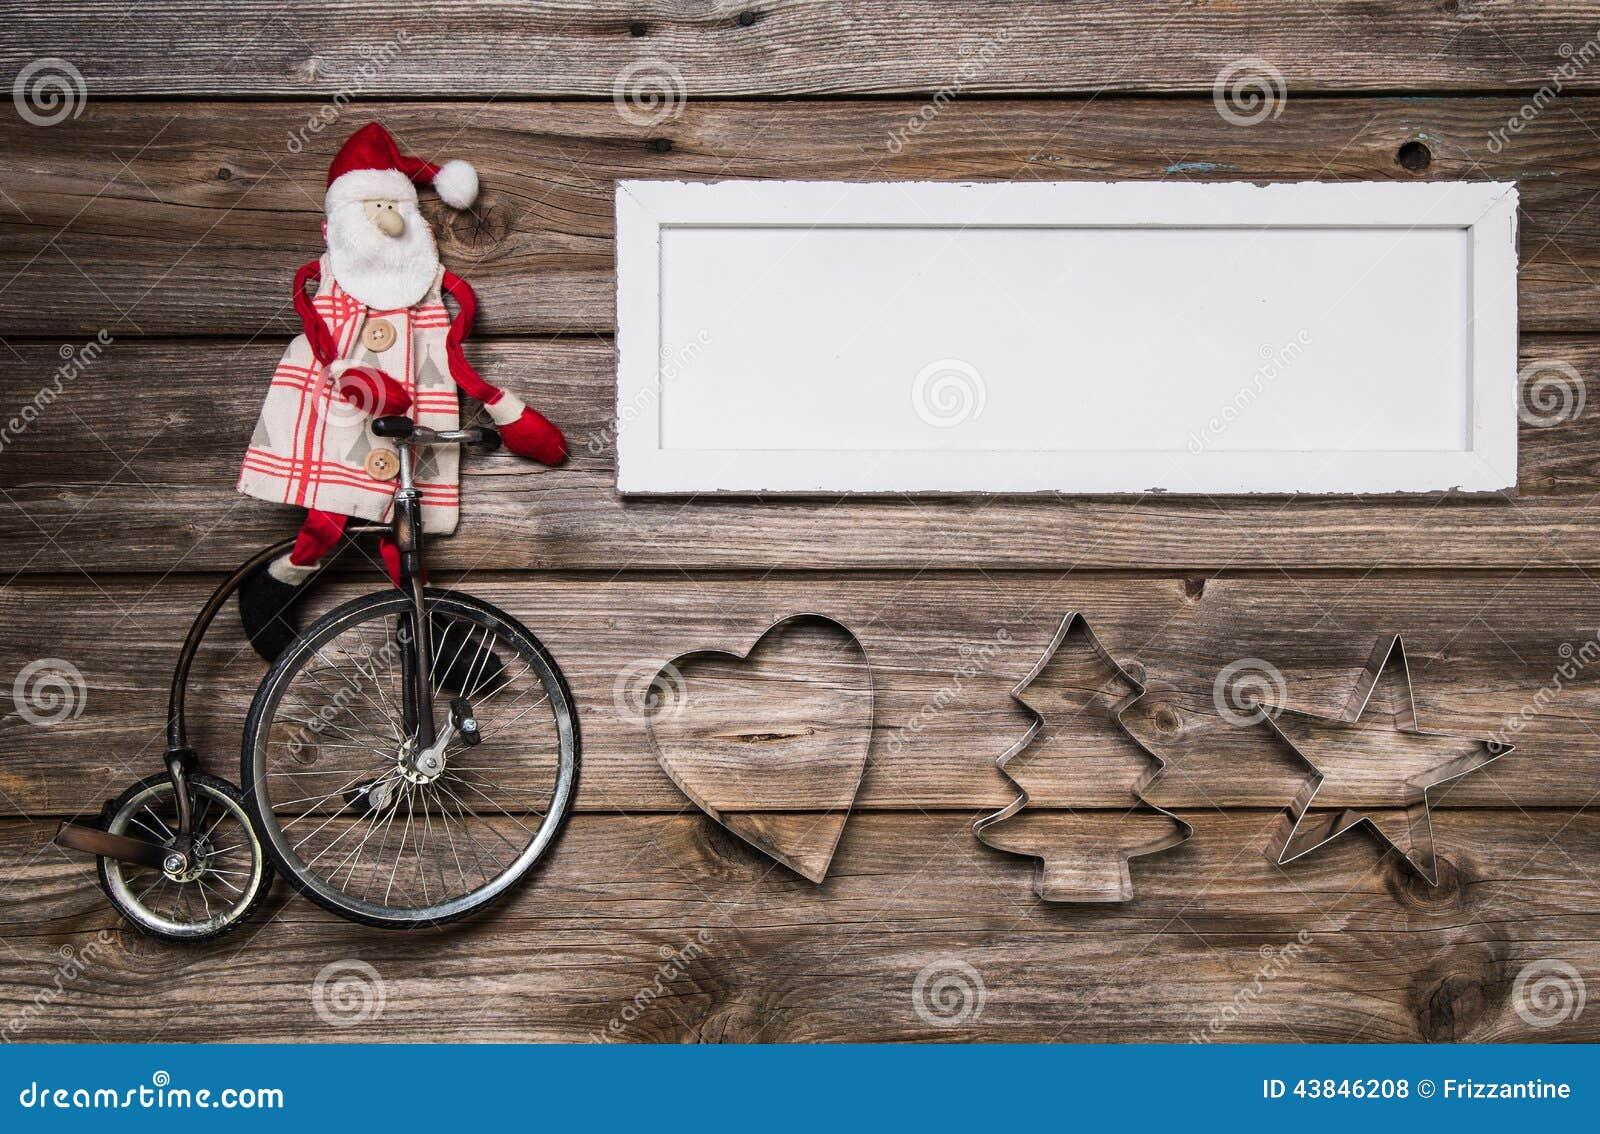 Cartolina di Natale o cartellone pubblicitario con la decorazione rossa e bianca